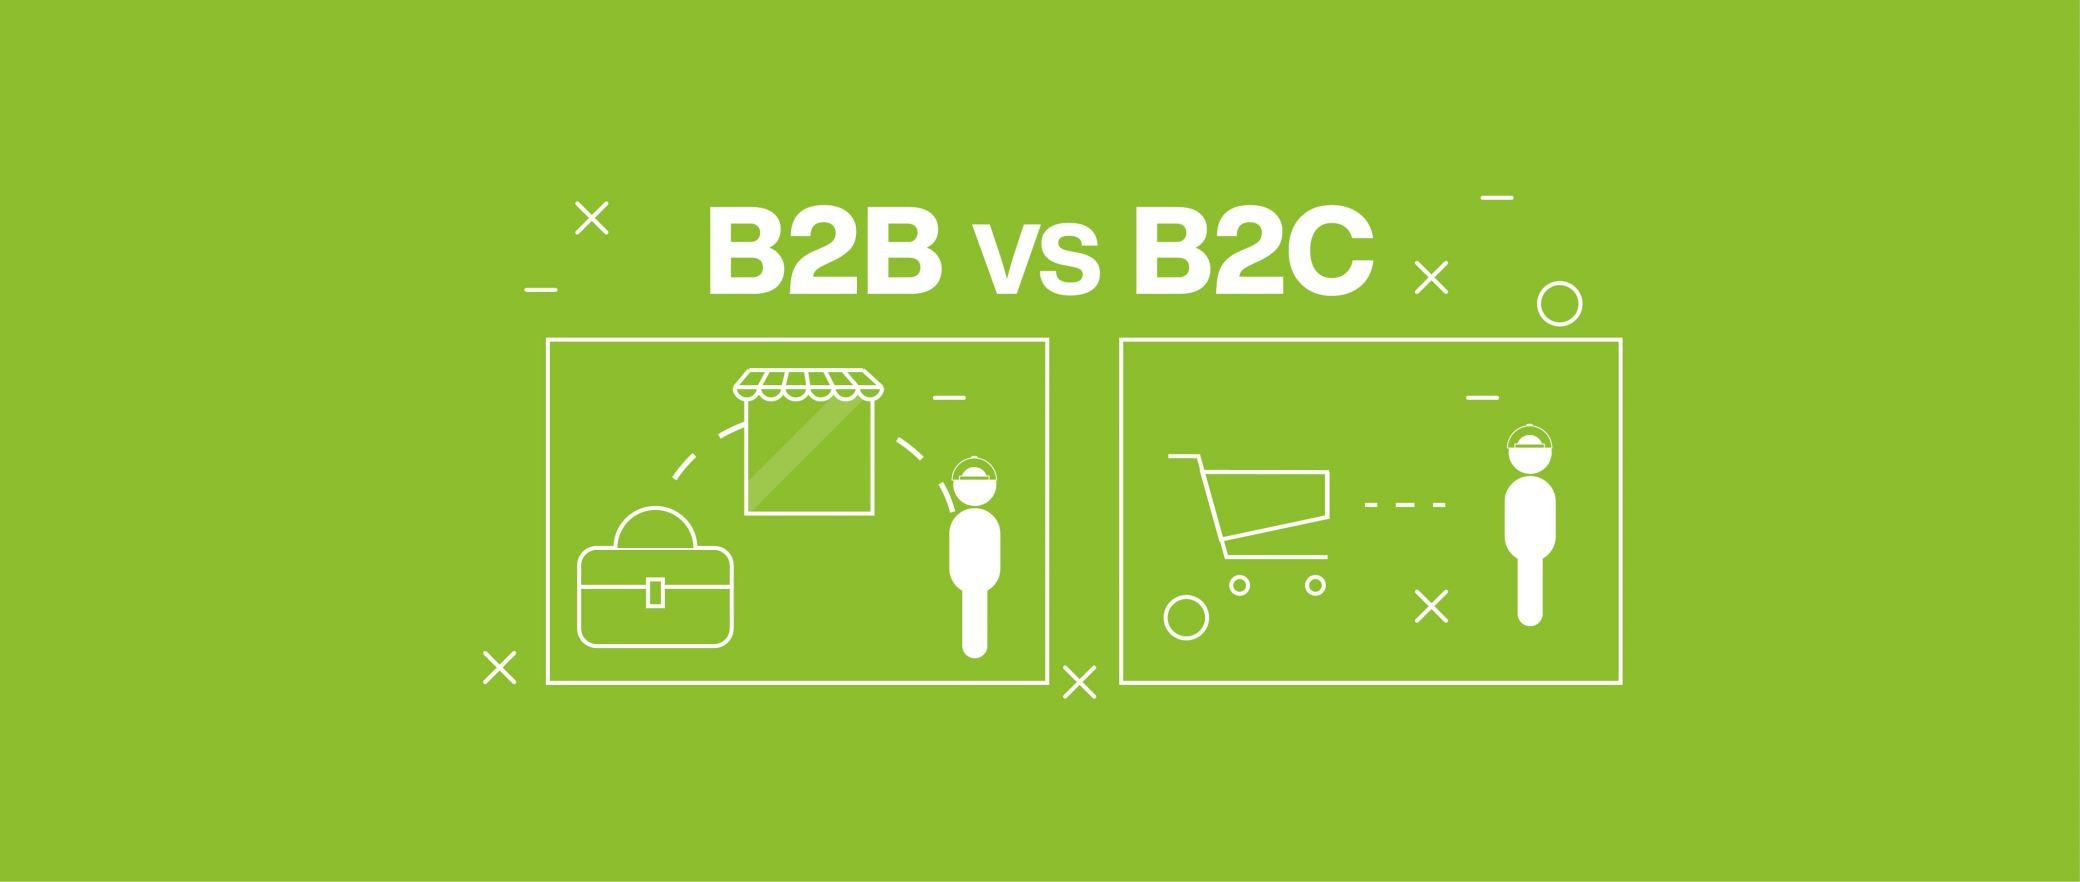 E-commerce B2B vs B2C: 5 differenze chiave che devi conoscere